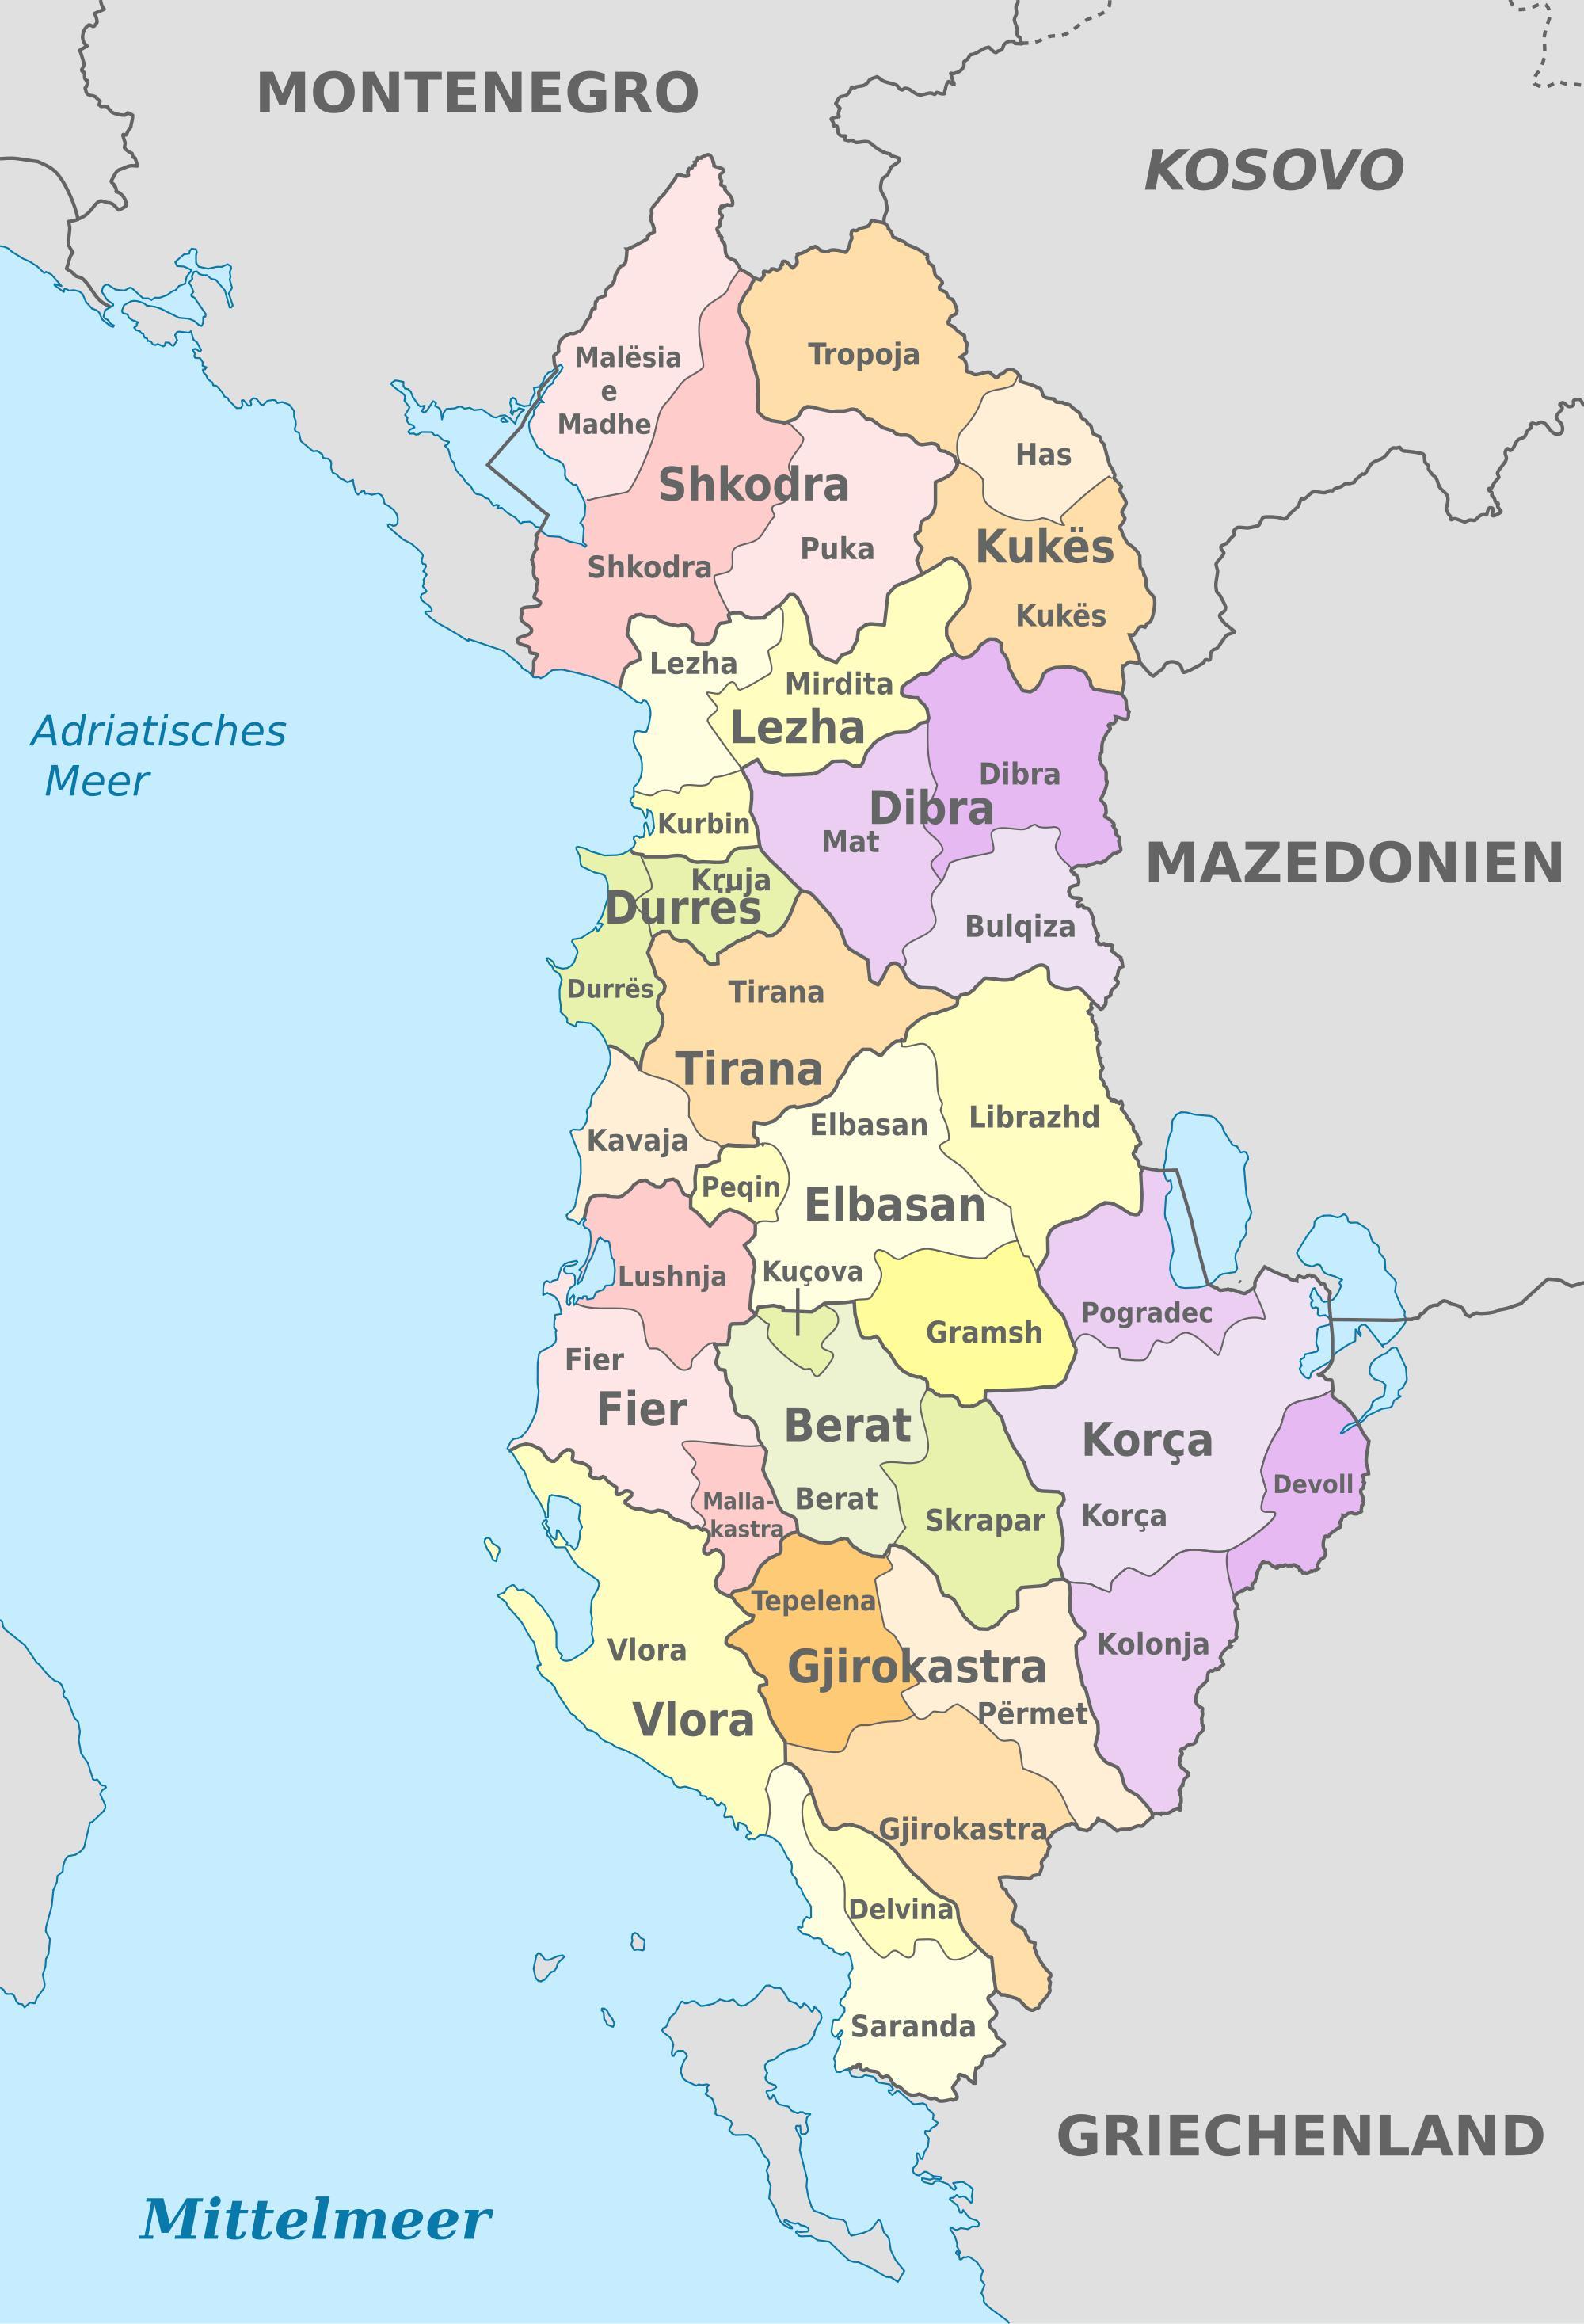 karta albanije Albanija političke karte   karta Albanije političke (Južna Europa  karta albanije